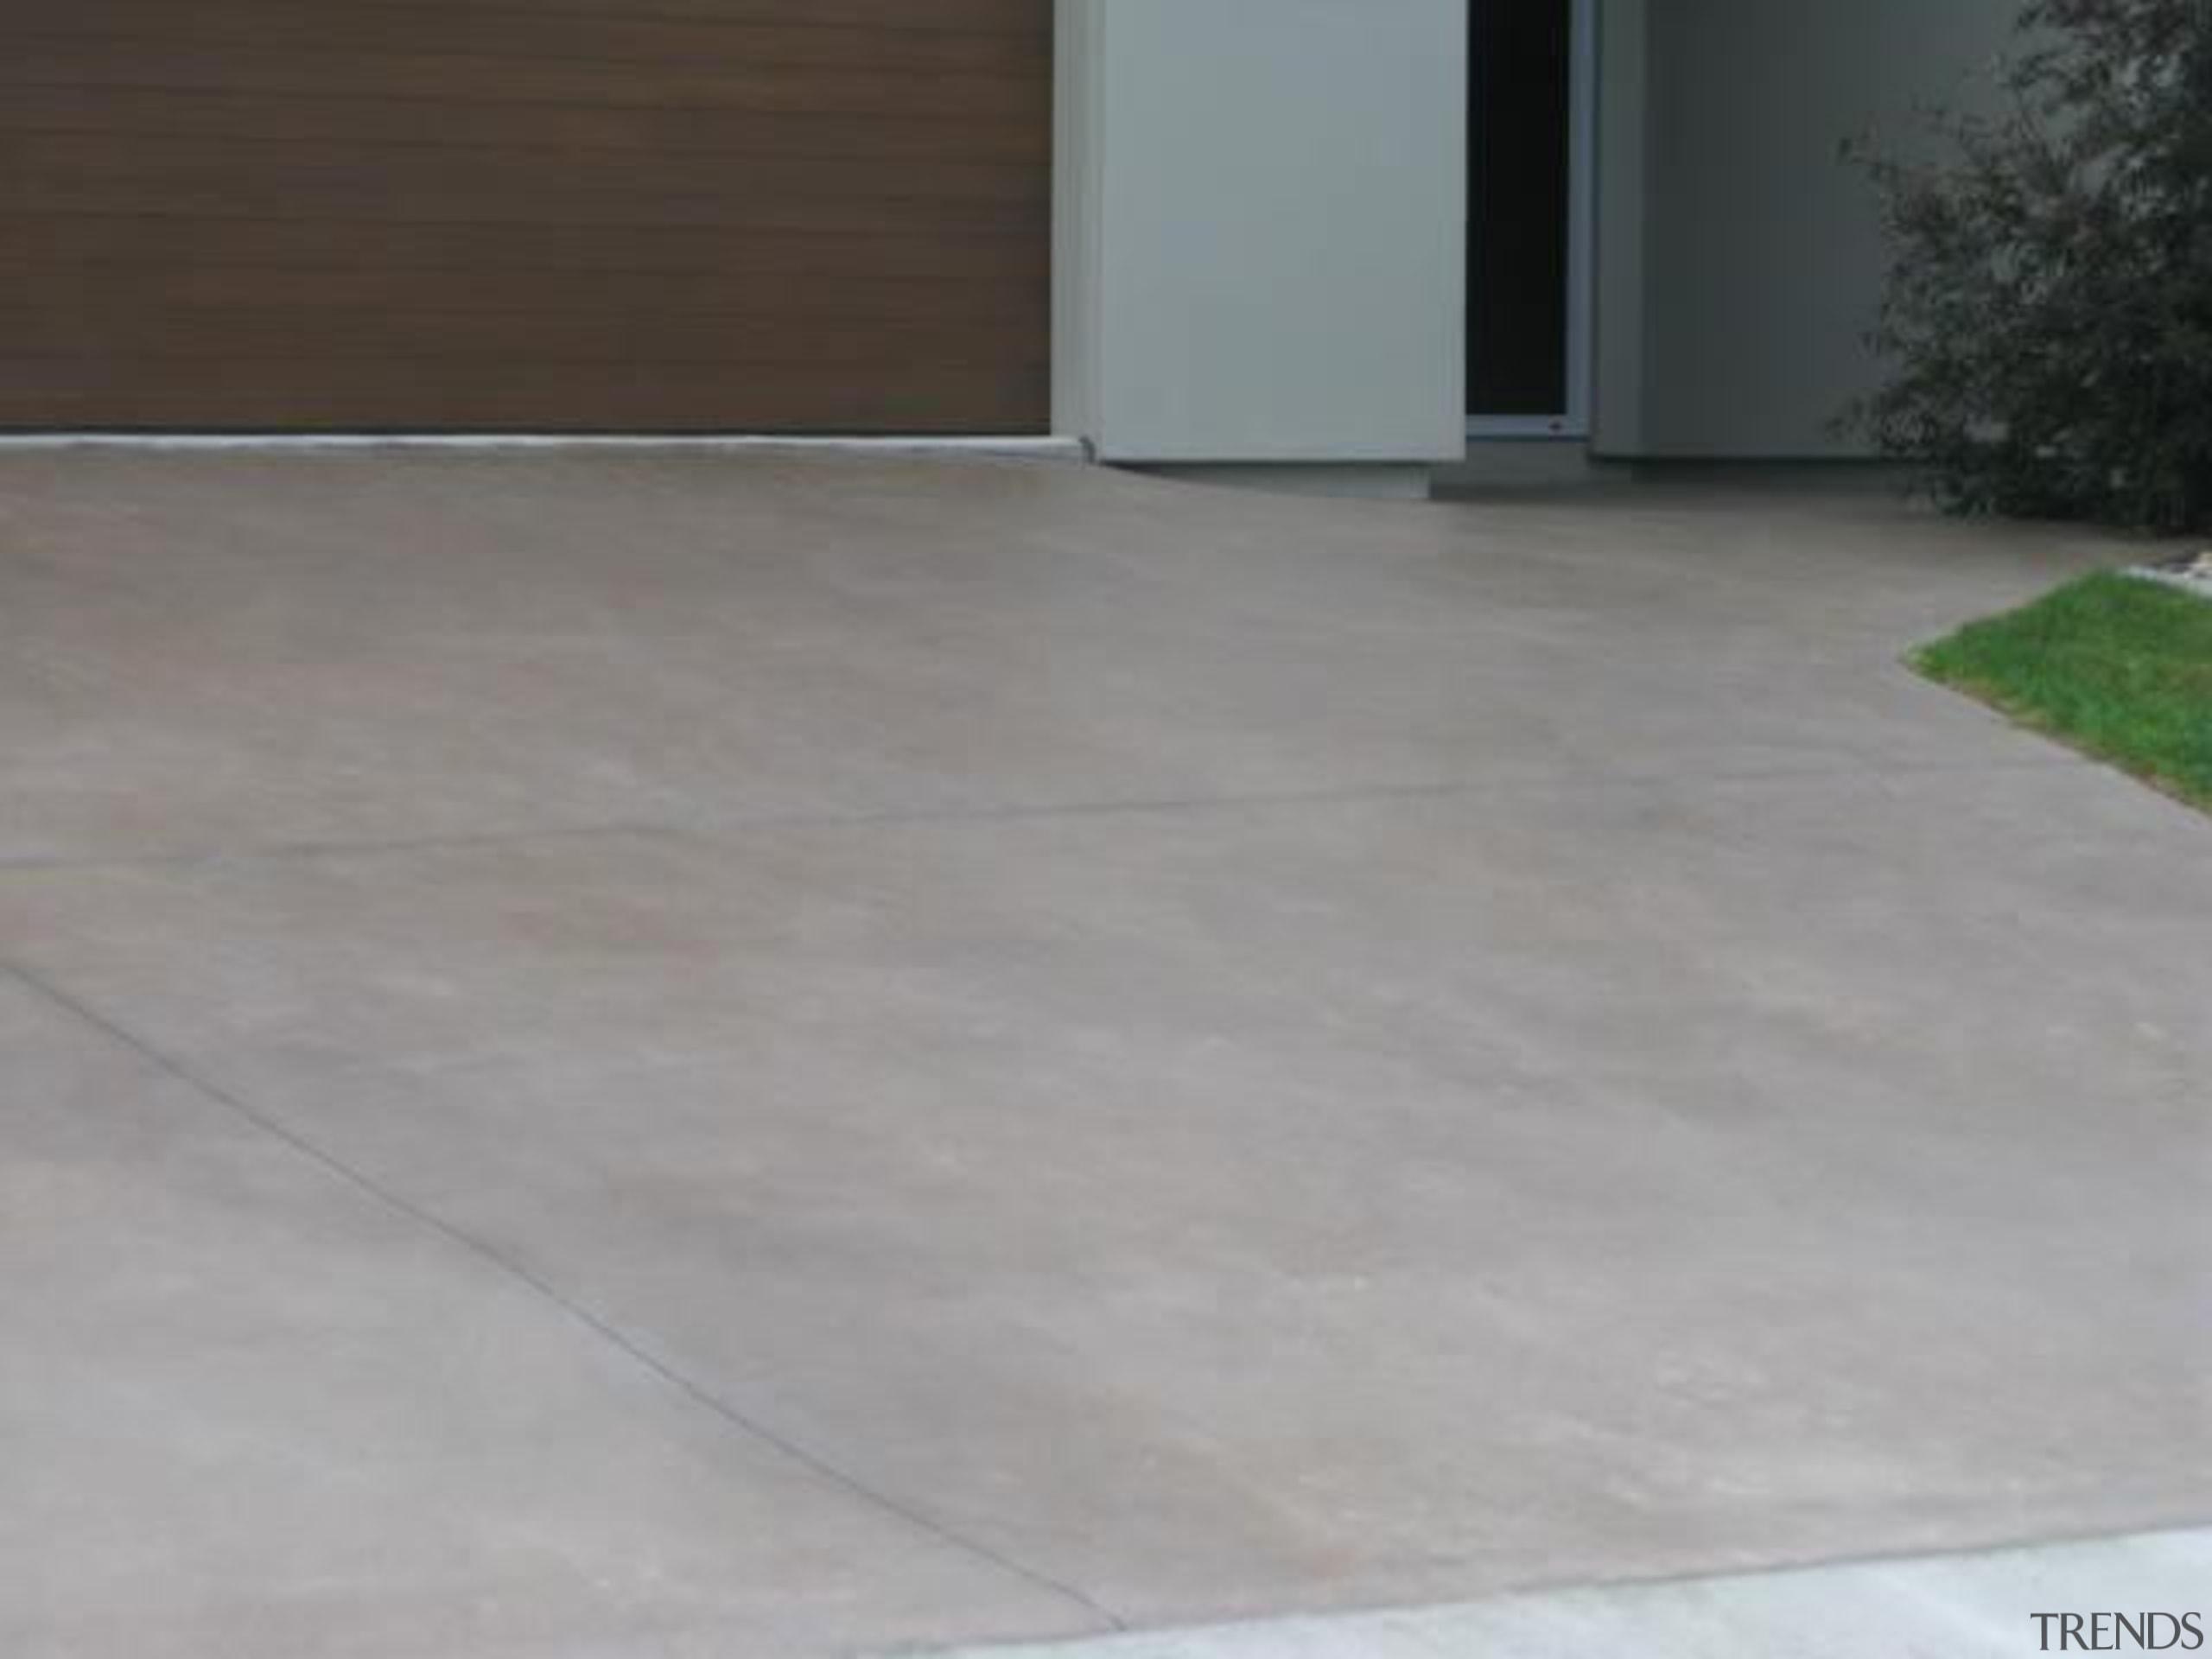 Colourmix 45 - Colourmix_45 - asphalt   concrete asphalt, concrete, driveway, floor, flooring, hardwood, material, road surface, tile, wood, gray